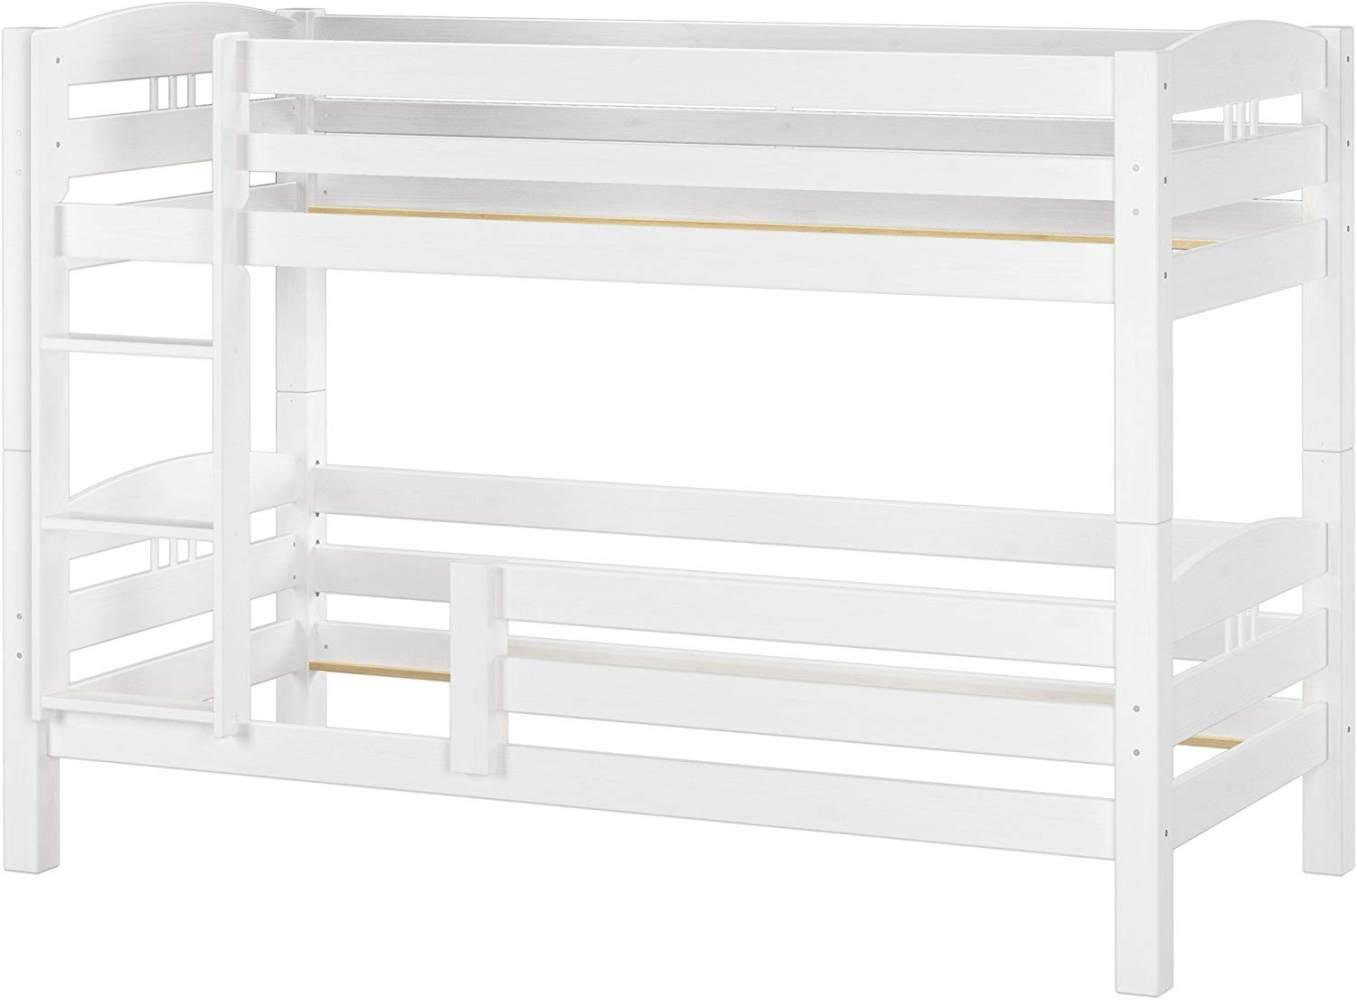 Erst-Holz Etagenbett Kiefer weiß 90x200 inkl. Fallschutz Bild 1